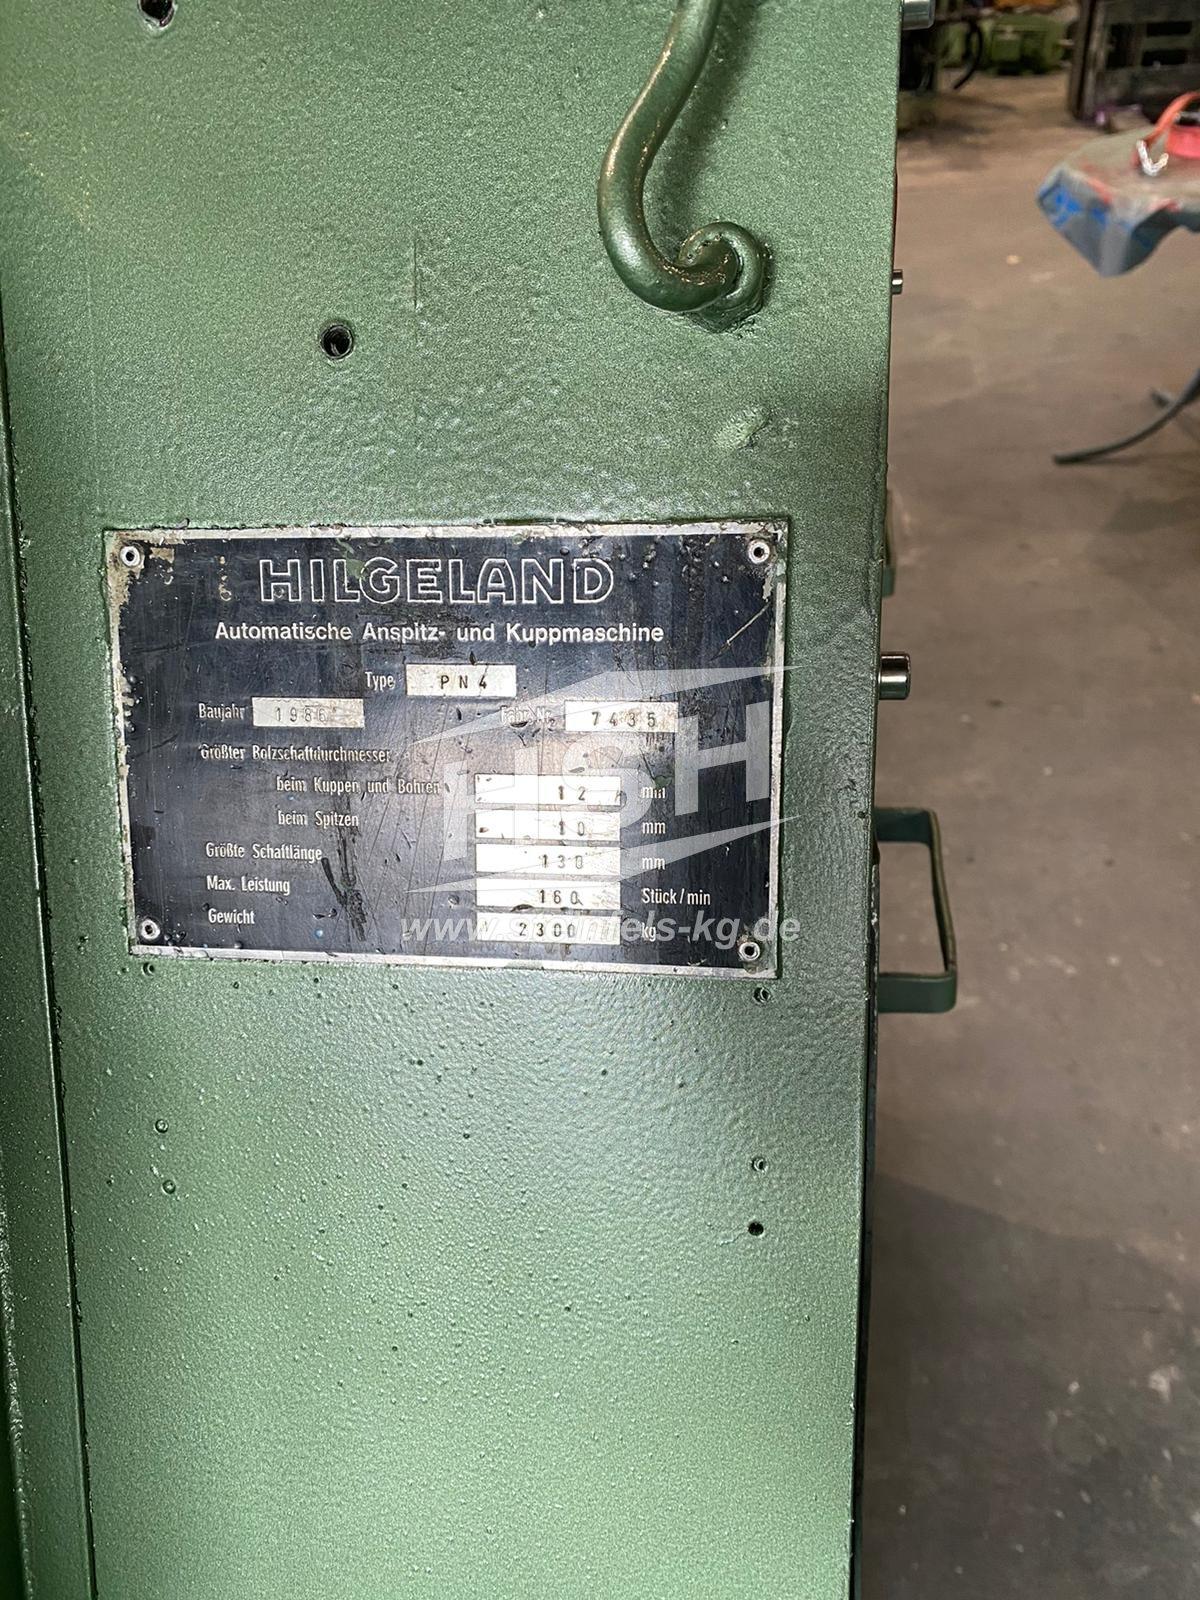 M04L/8413 – HILGELAND – PN4 – 1986 – 6-12 mm